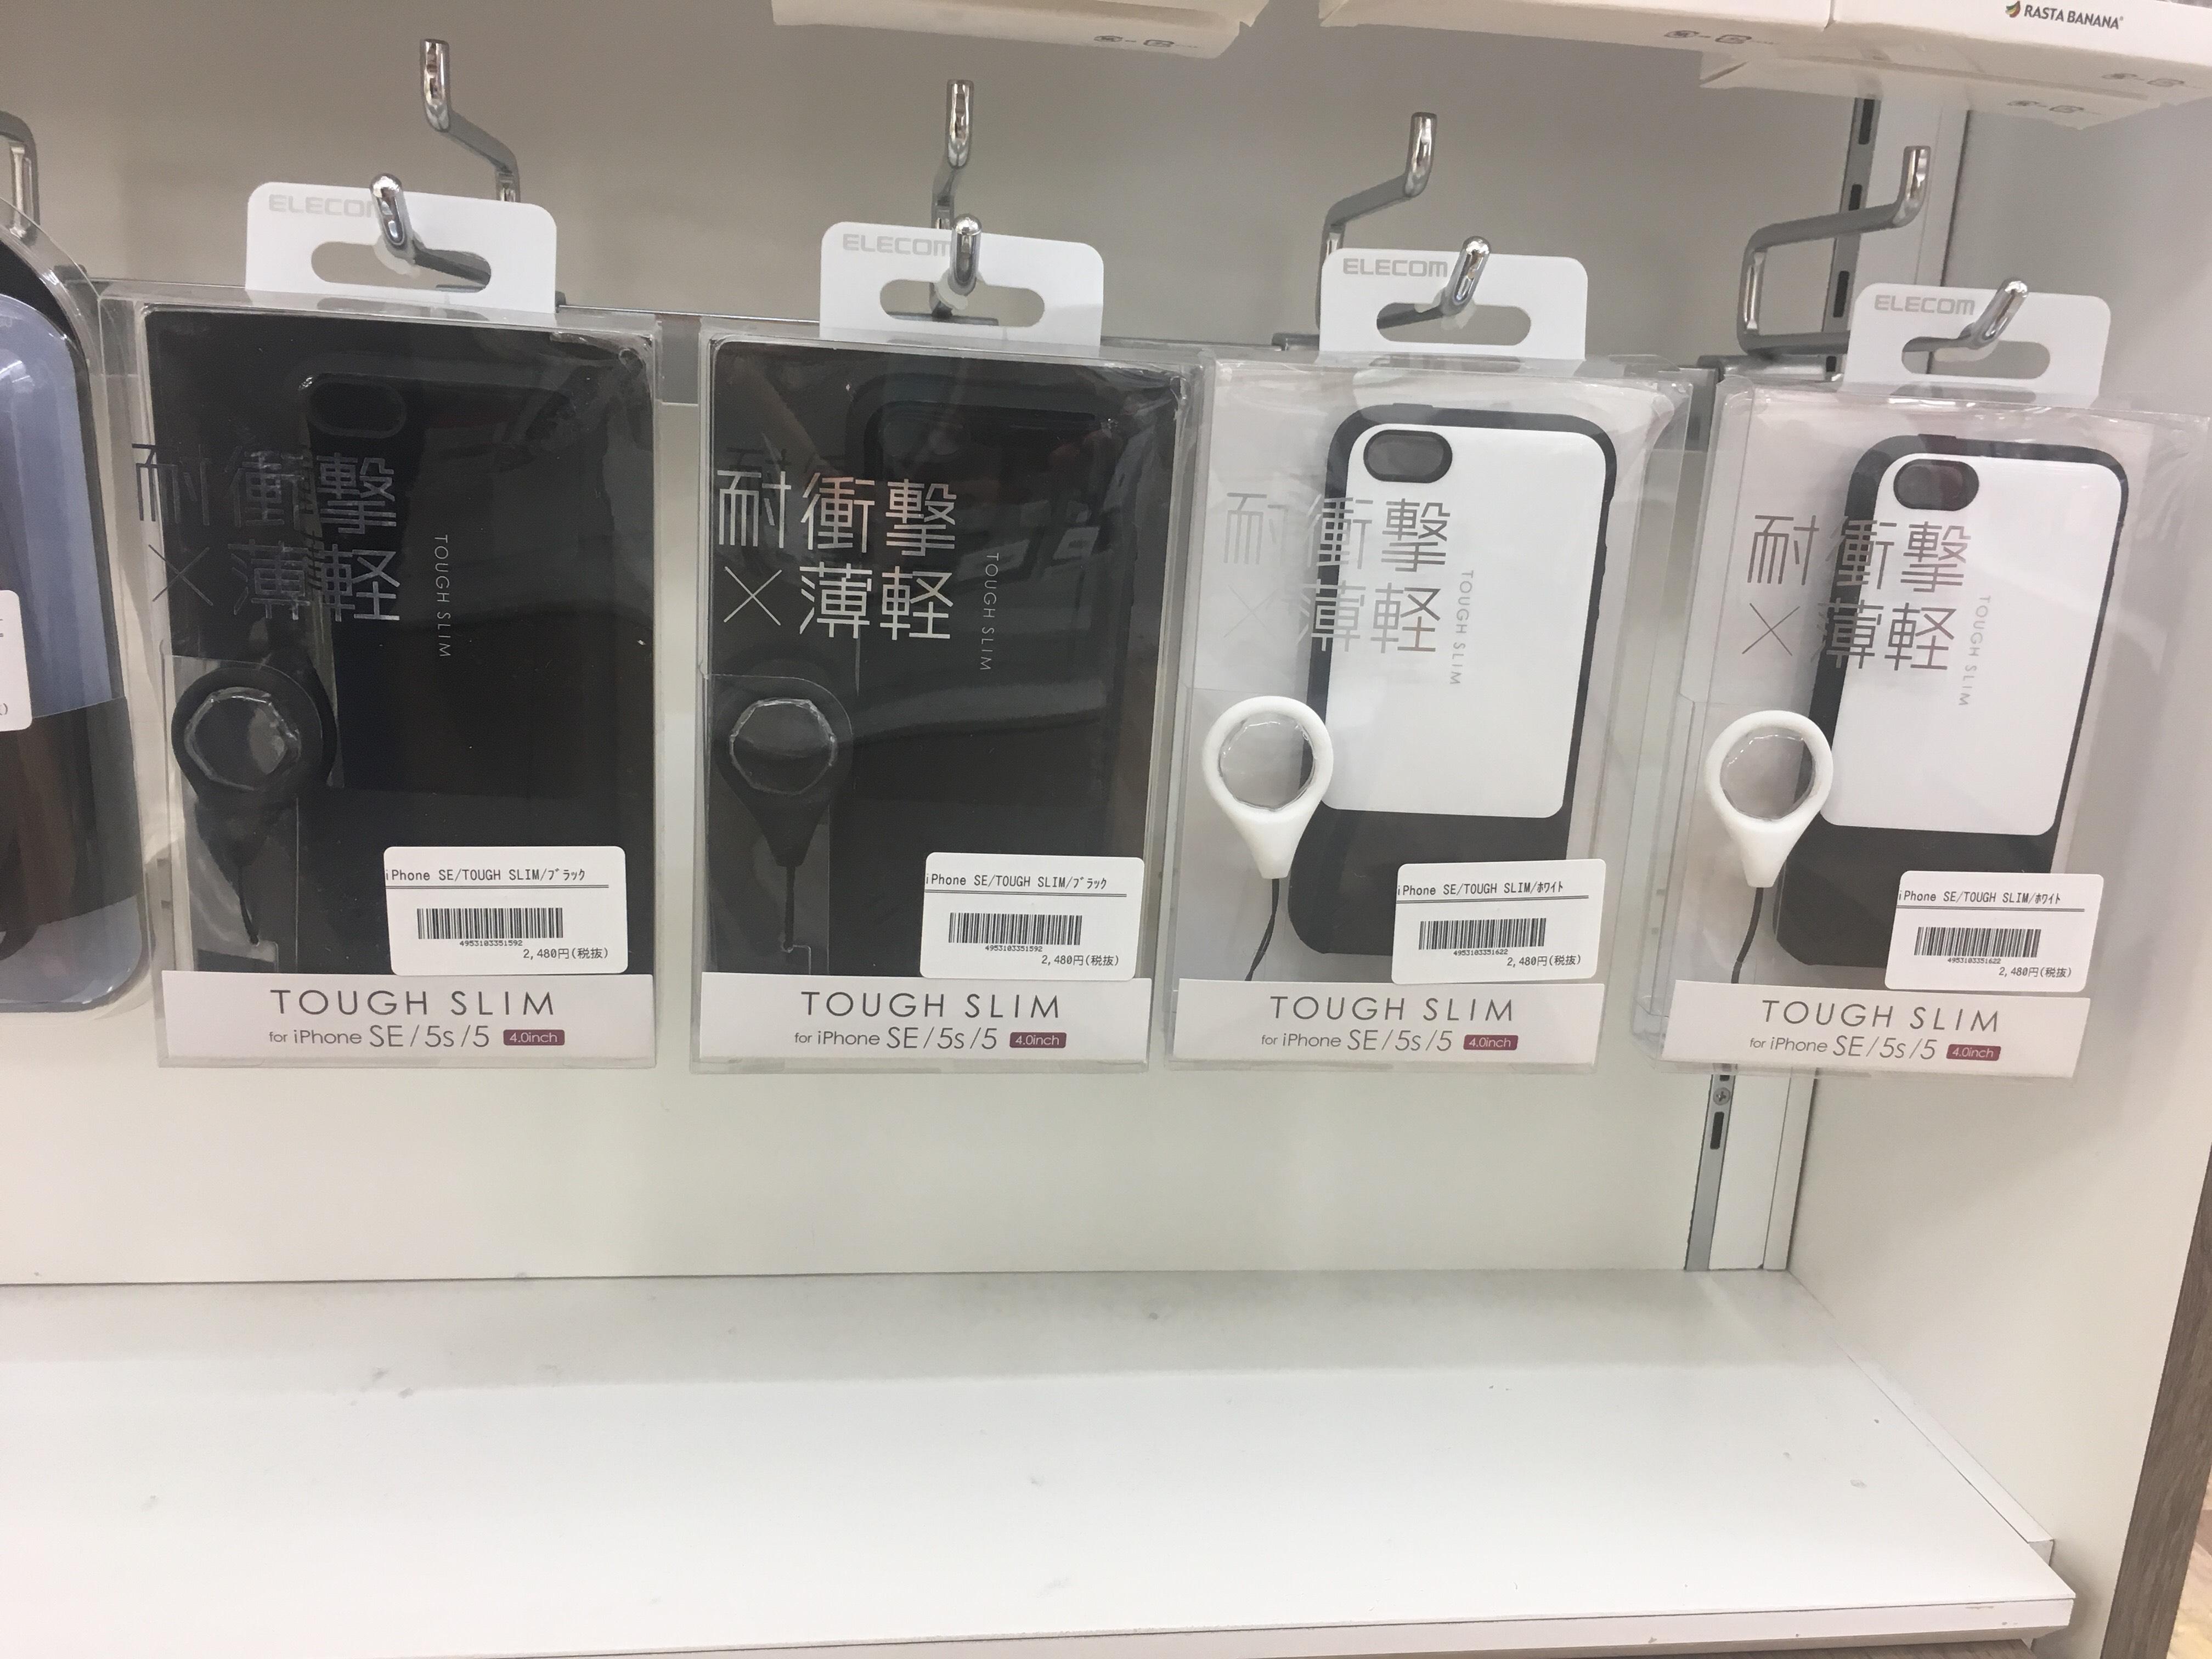 アイフォン5,5s,SE 黒 白 black white